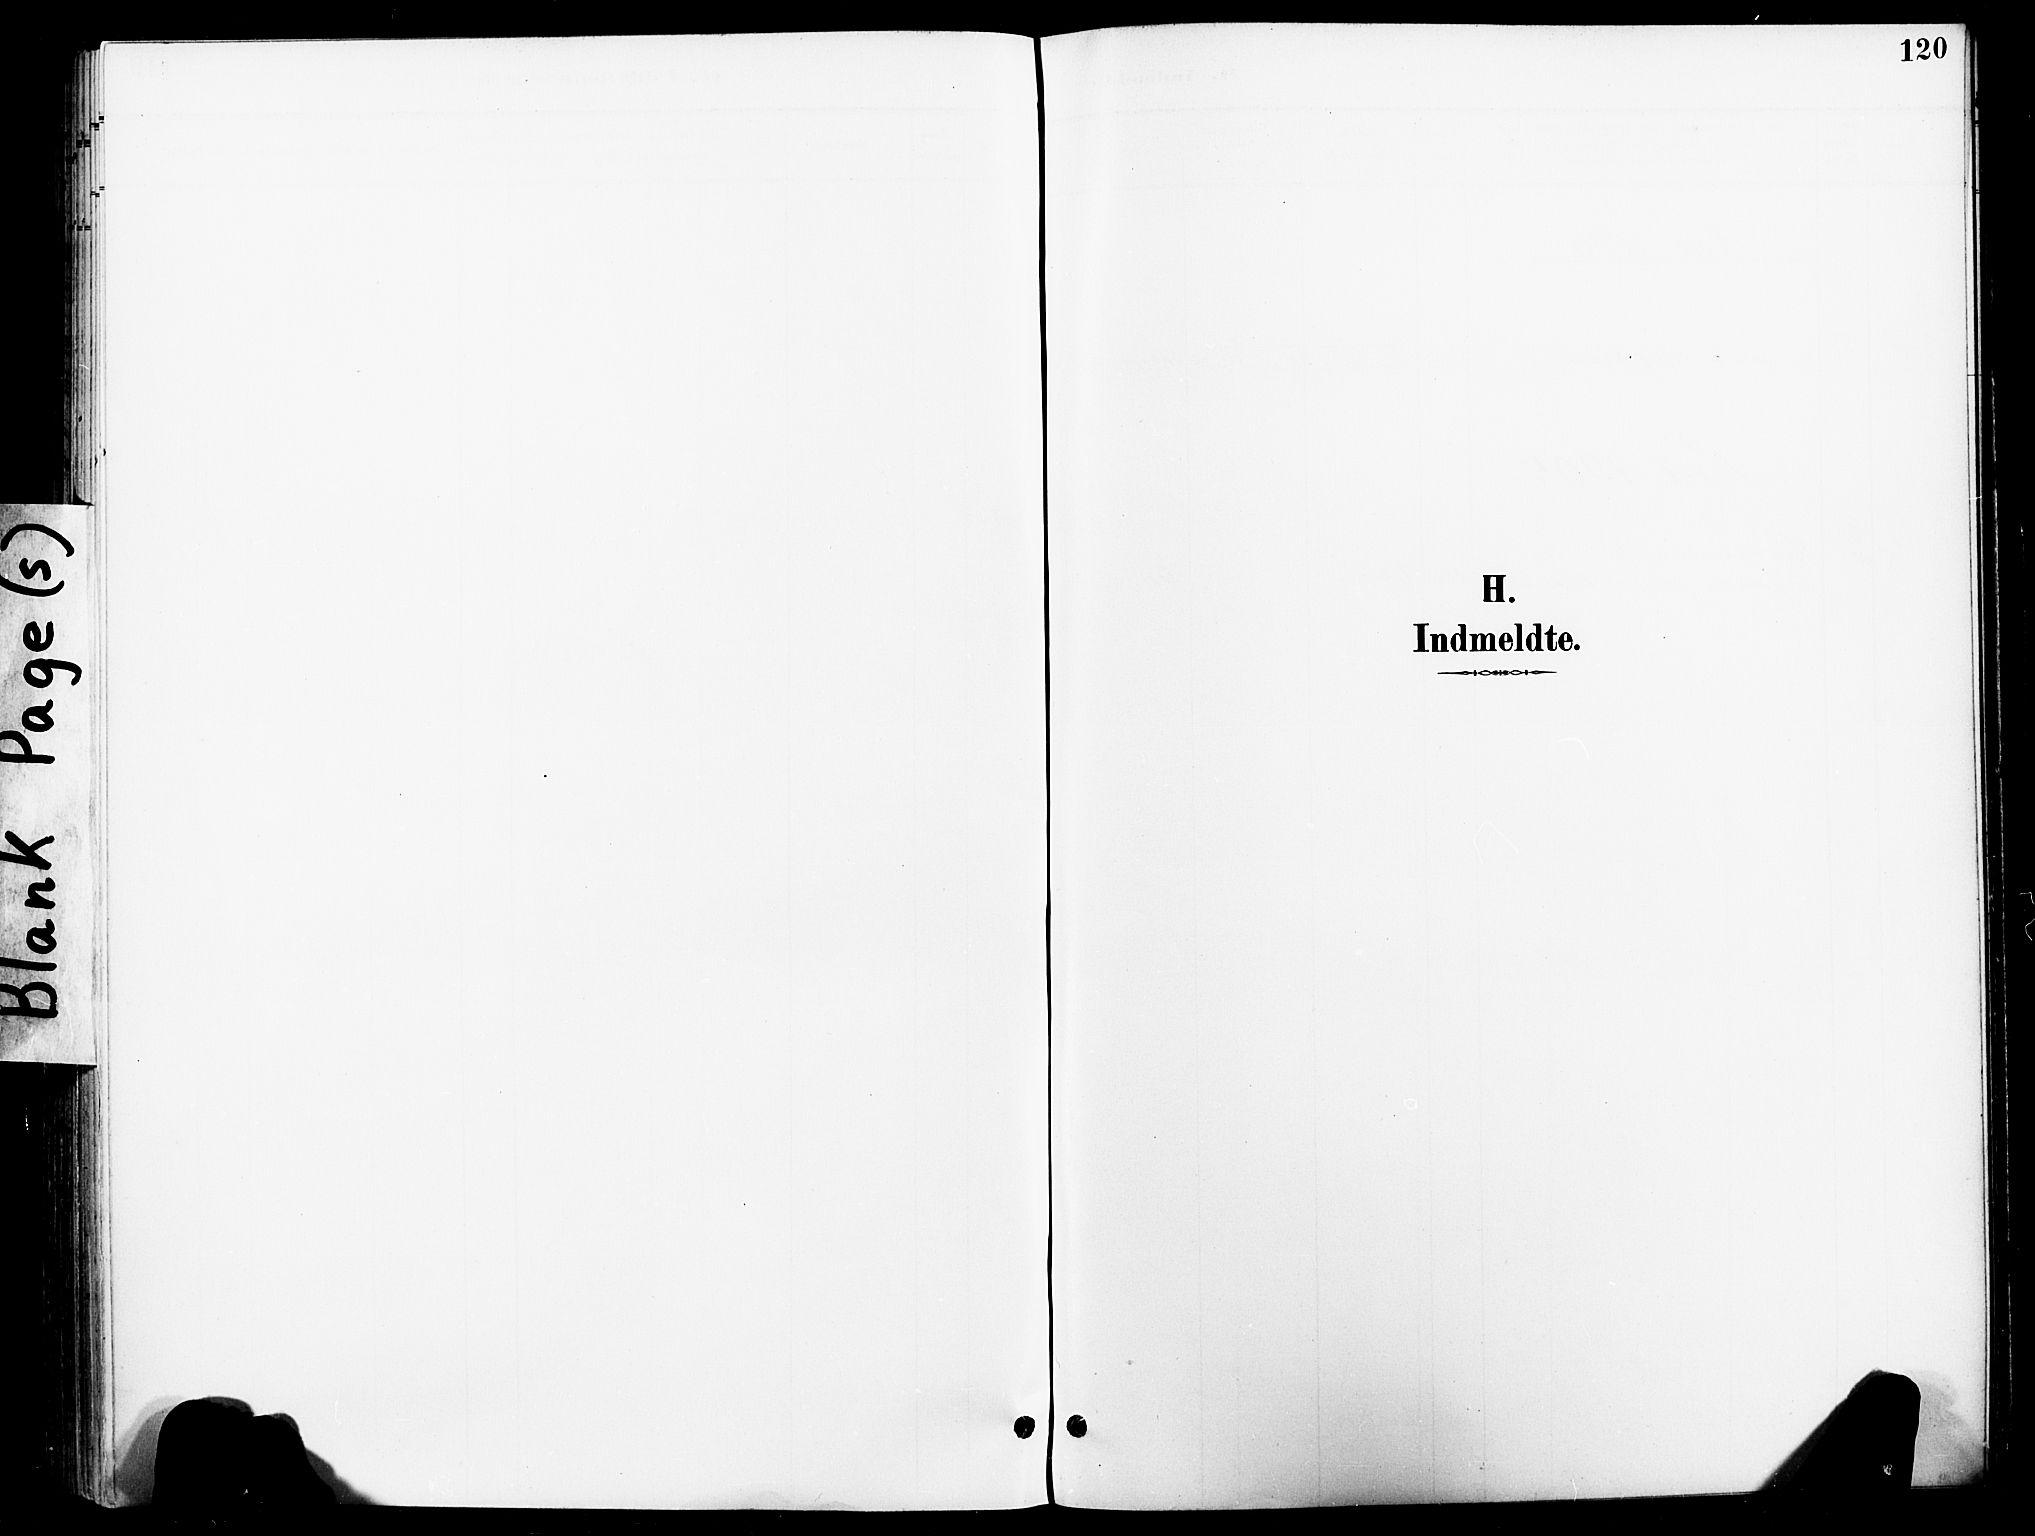 SAT, Ministerialprotokoller, klokkerbøker og fødselsregistre - Nord-Trøndelag, 740/L0379: Ministerialbok nr. 740A02, 1895-1907, s. 120